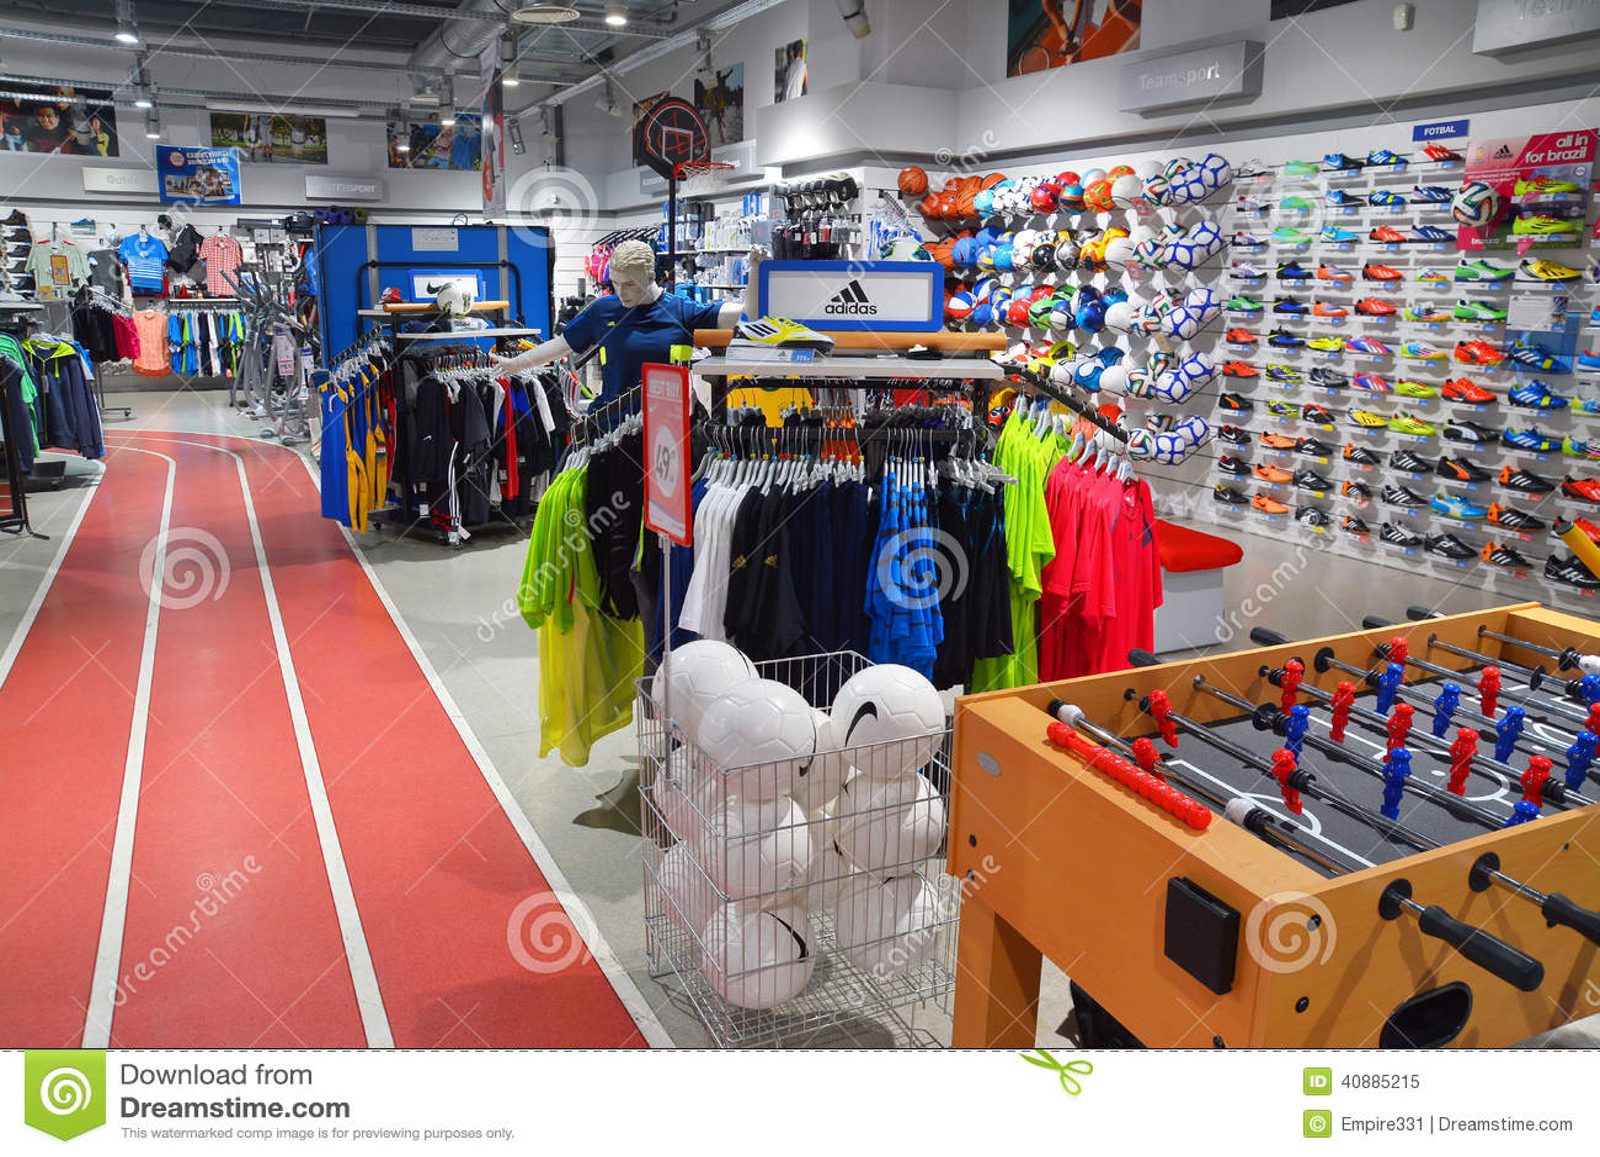 606f032cf9976 Magasin De Vêtements De Sport Image éditorial - Image du mémoire ...